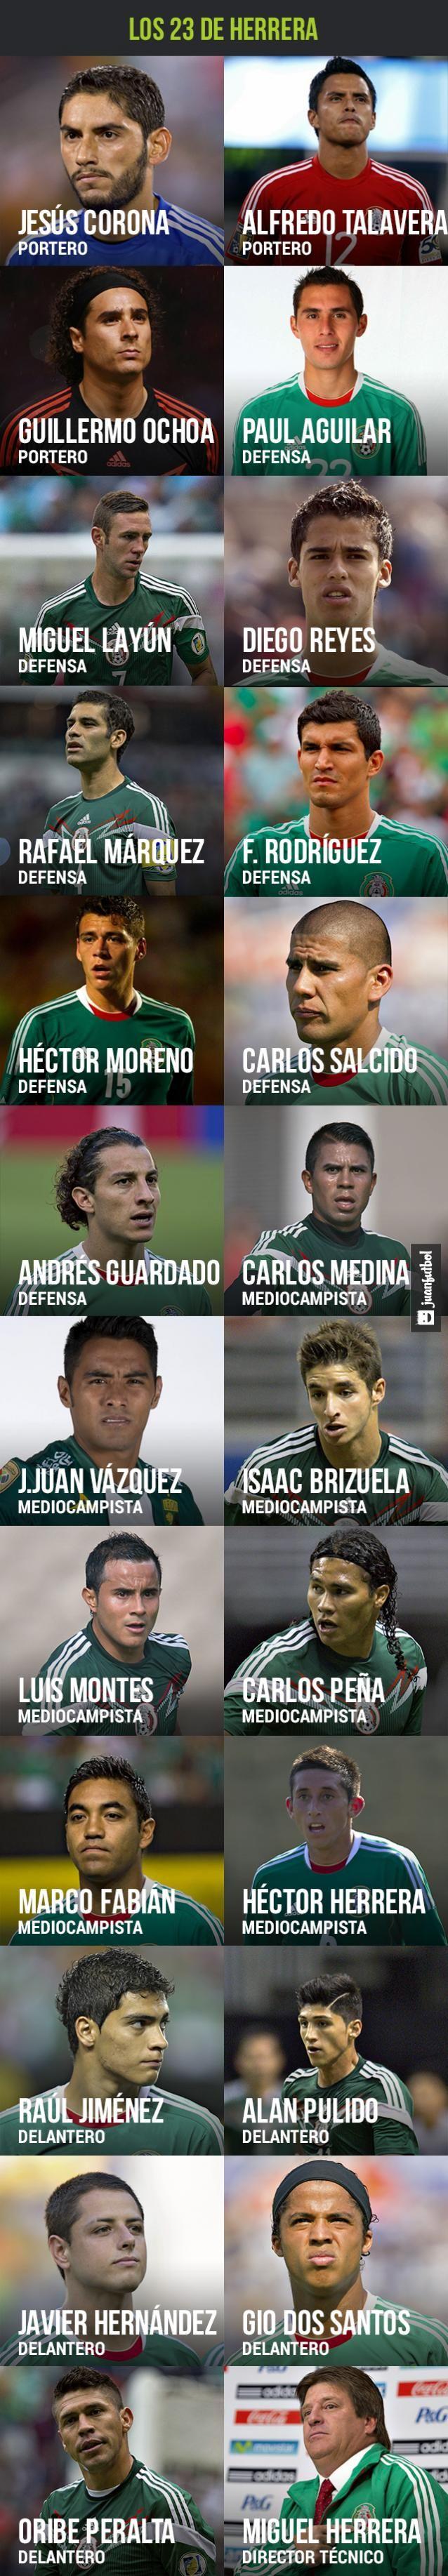 Los 23 elegidos del Piojo para el Mundial.